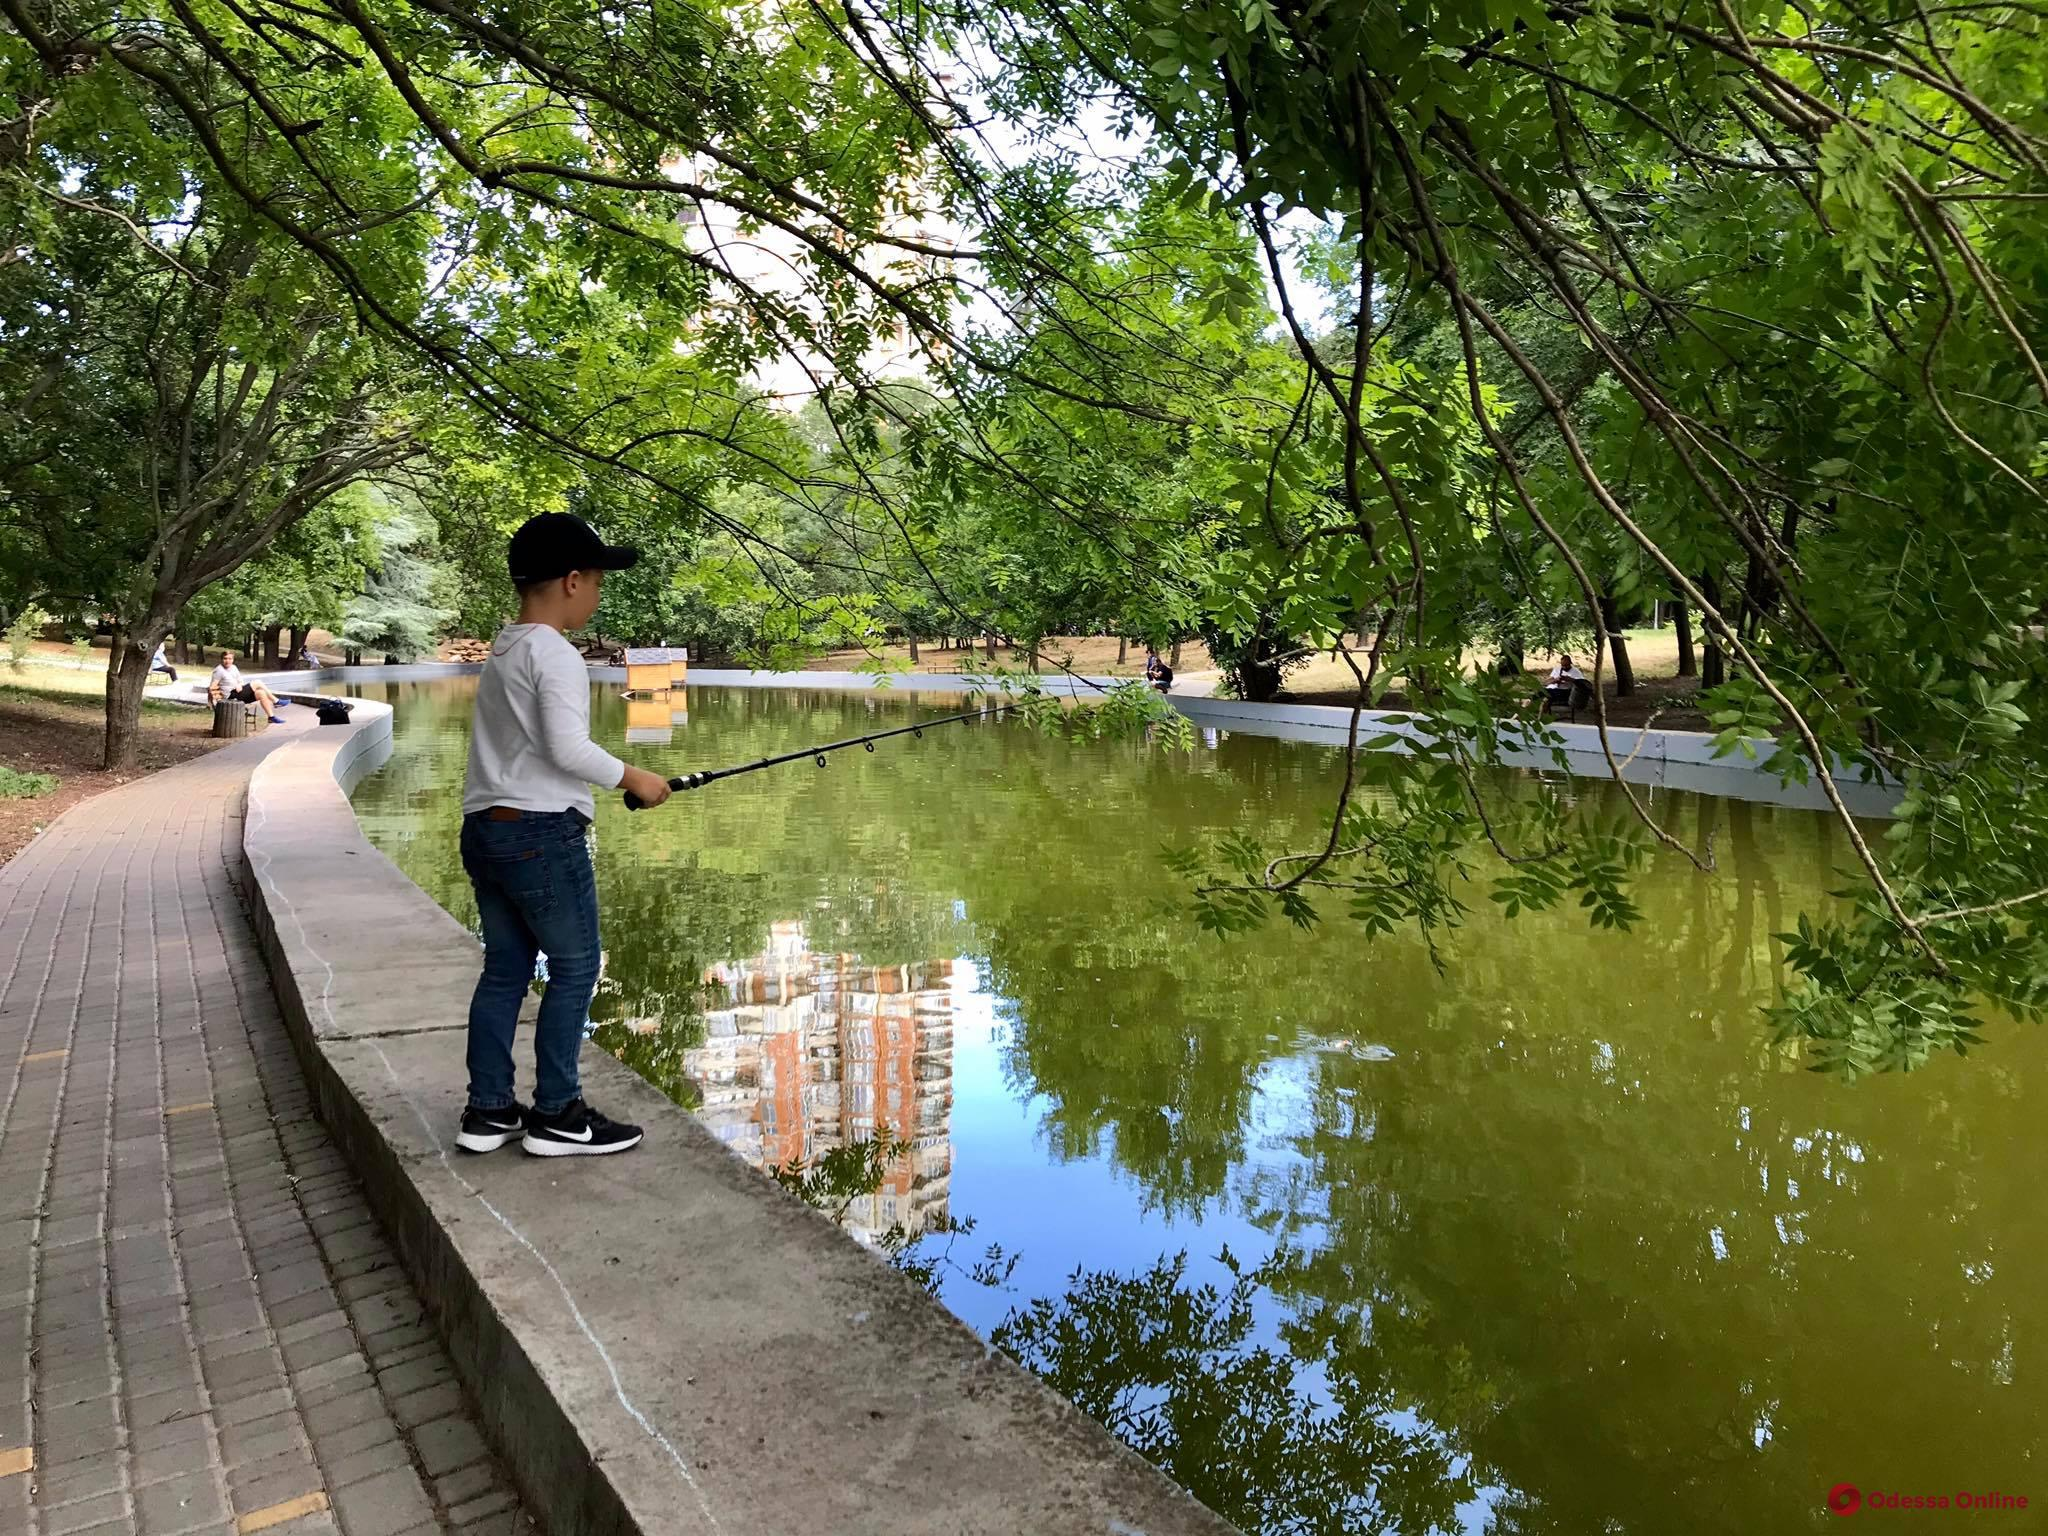 В одесском парке детям разрешили рыбачить (фото)